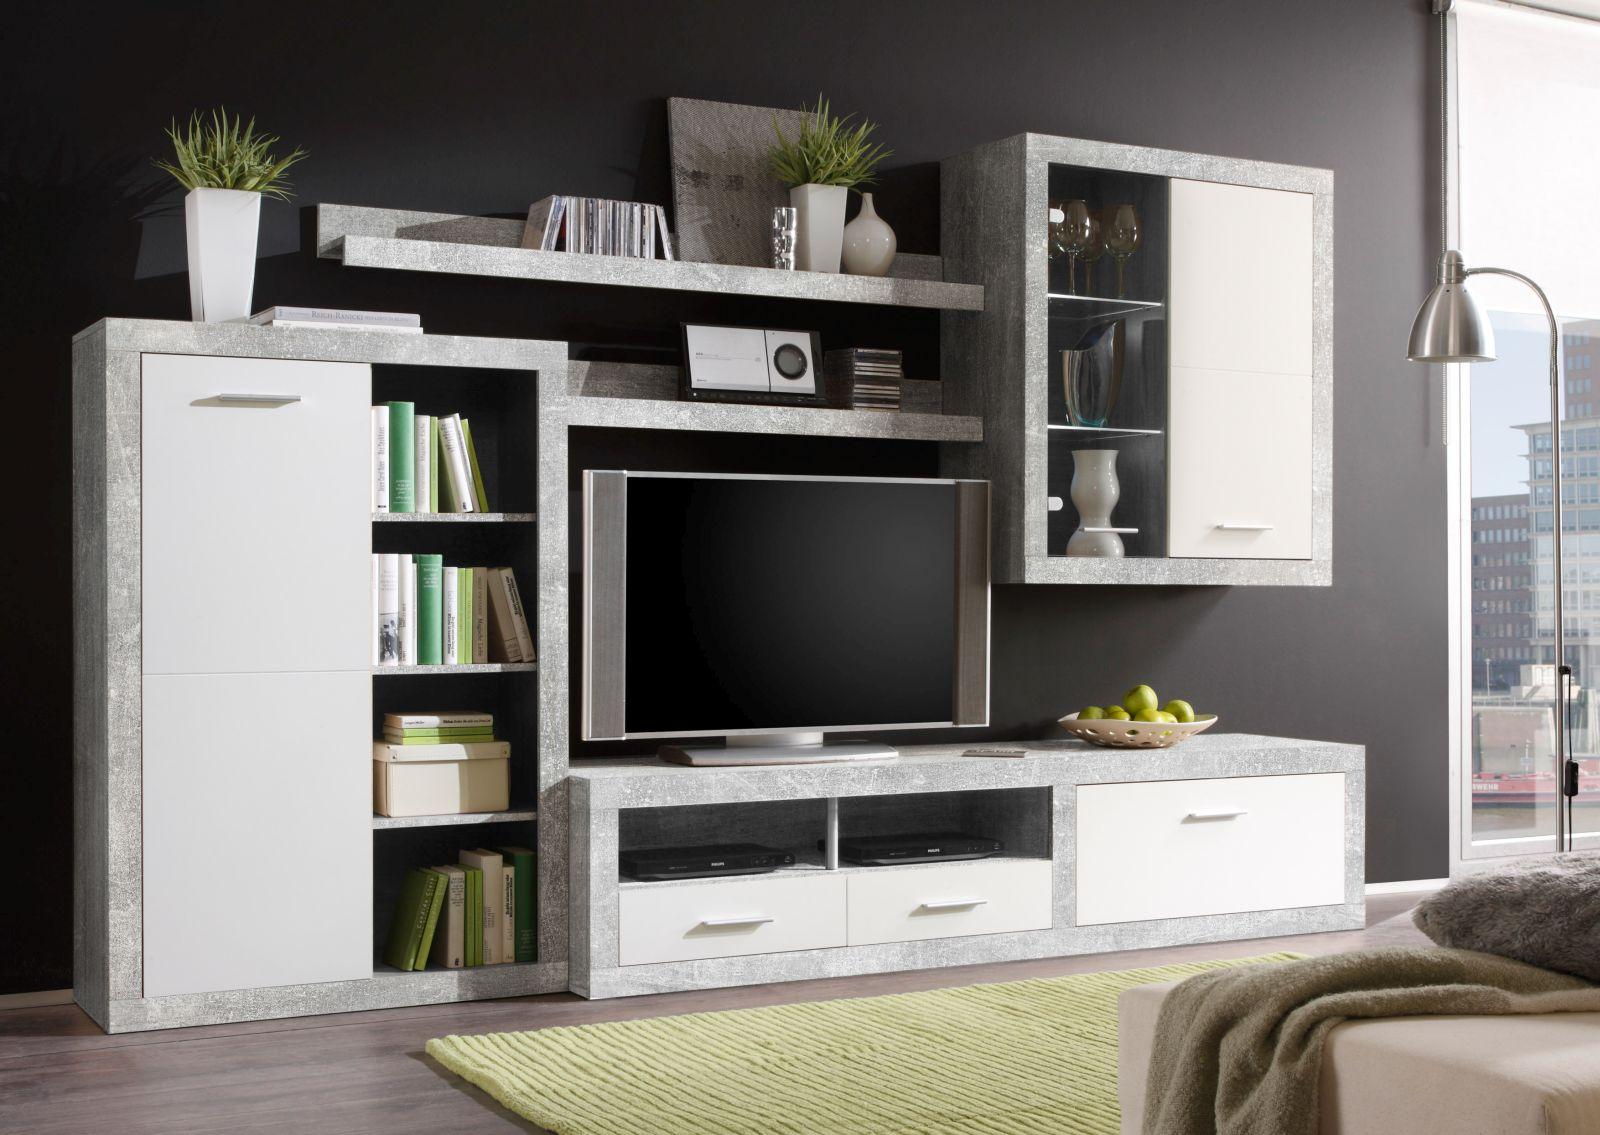 anbauwand can can 1 wohnw nde wohnzimmer sortiment pack zu m bel sb und k chen discount. Black Bedroom Furniture Sets. Home Design Ideas